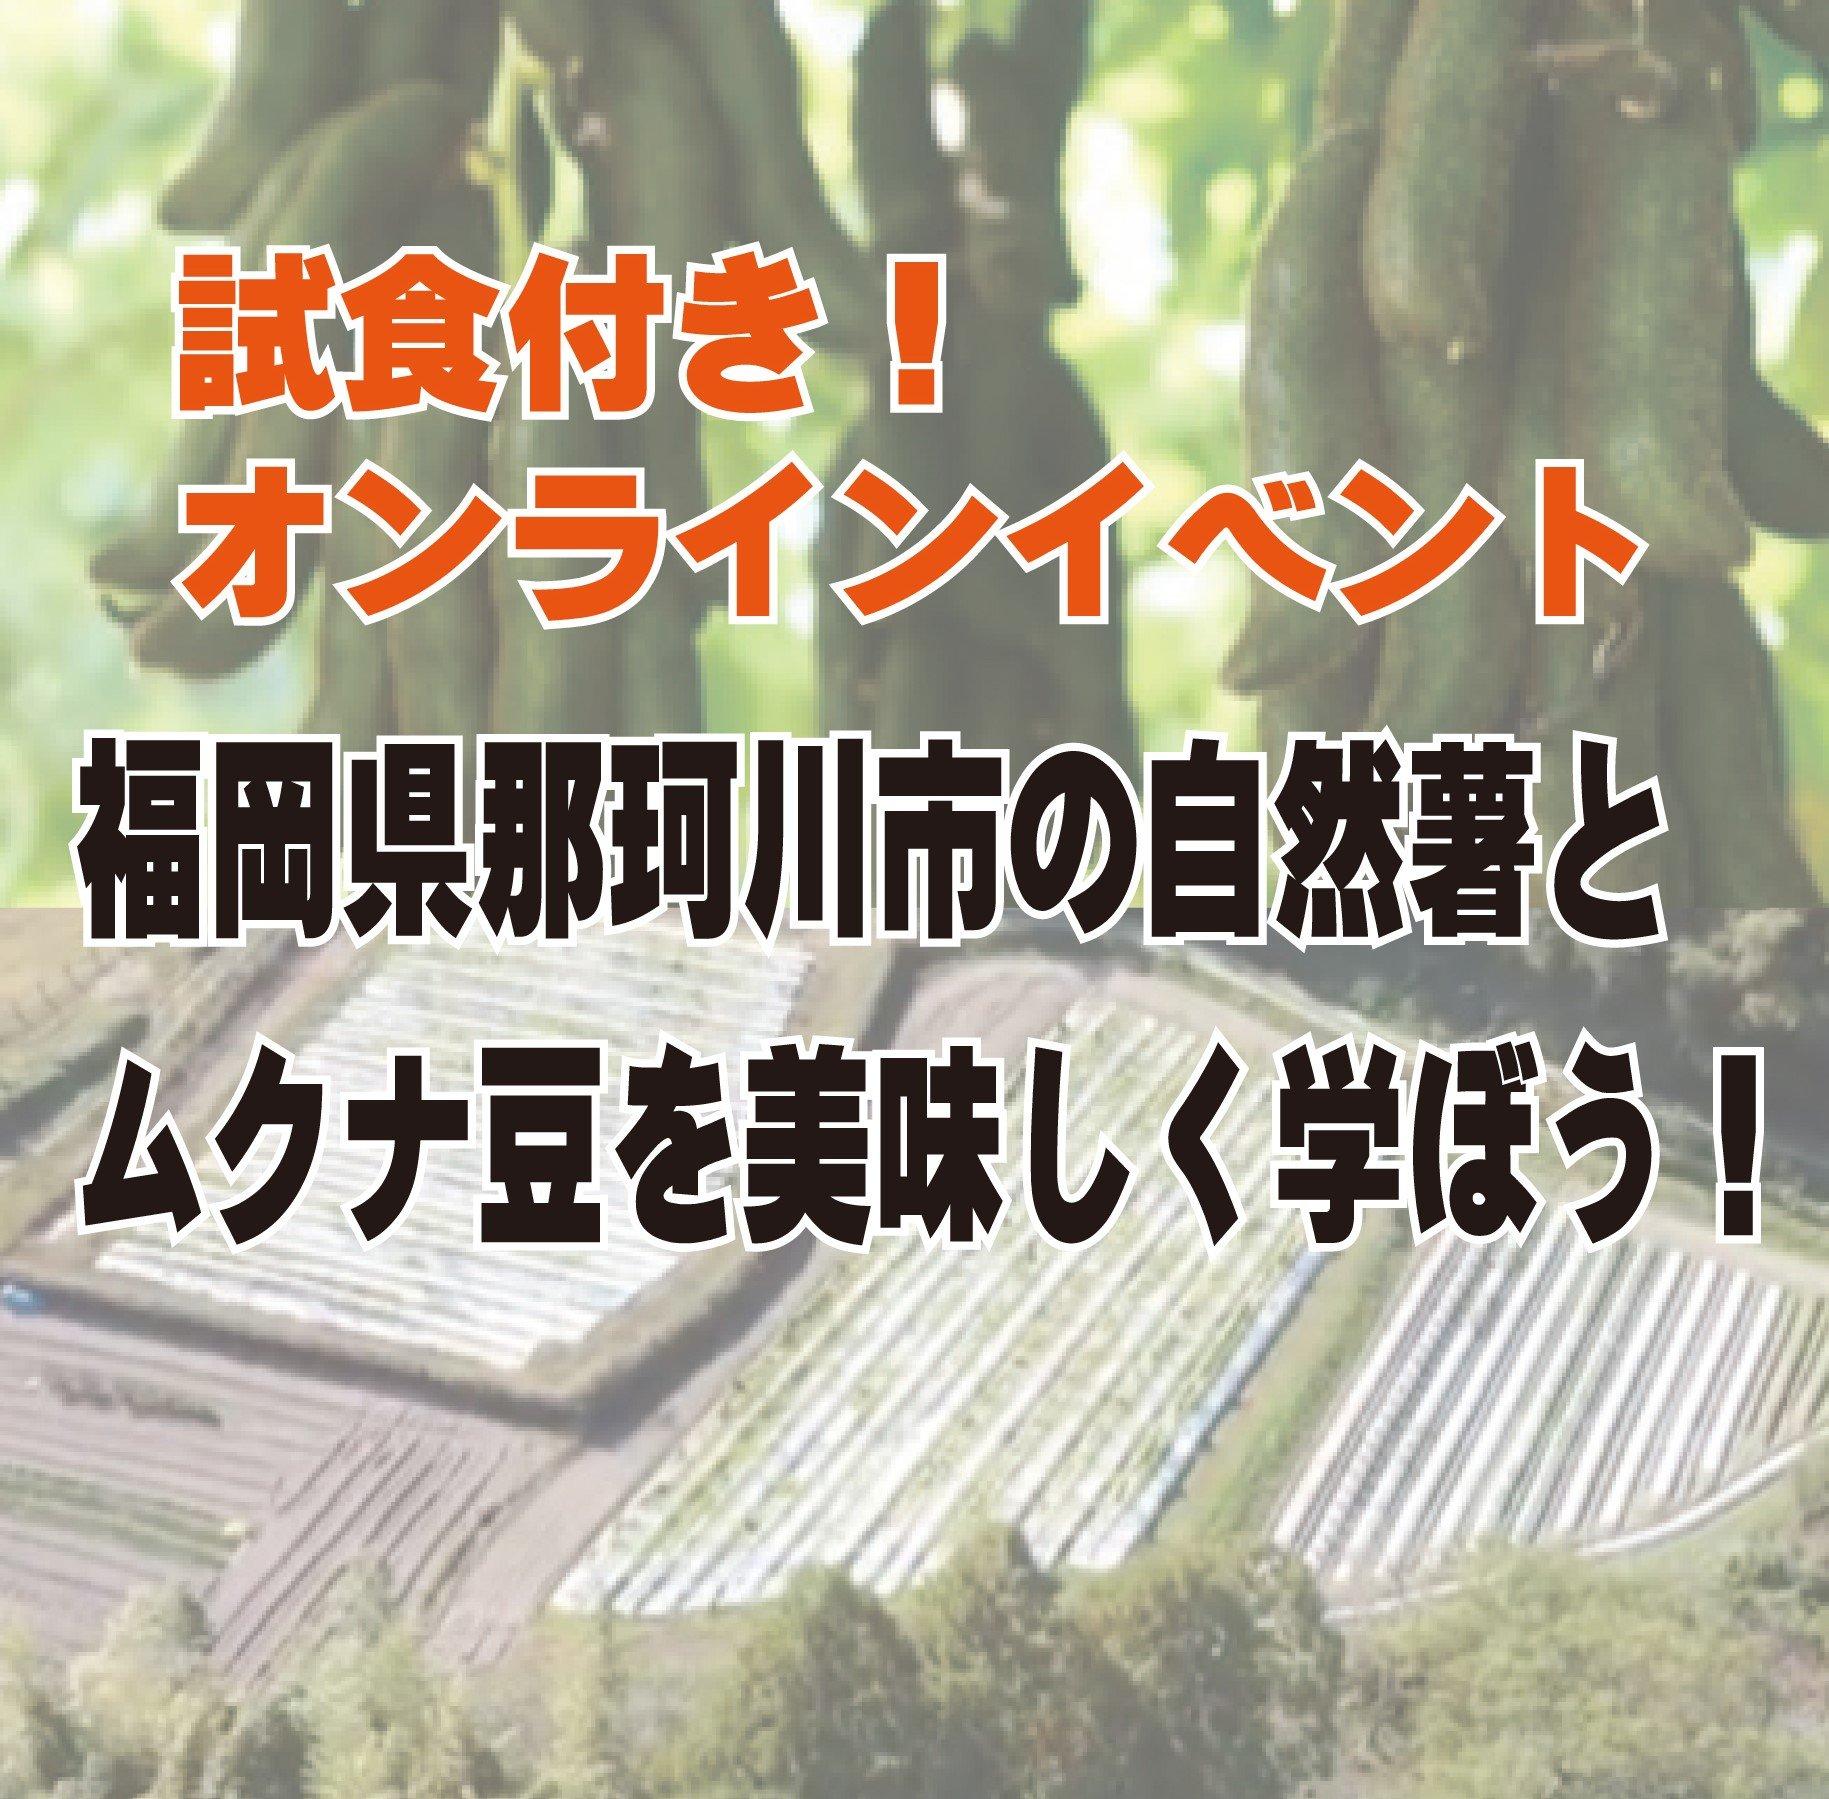 茶・薬用作物等地域特産作物体制強化促進事業「福岡県那珂川市の自然薯とムクナ豆を美味しく学ぼう」のイメージその1